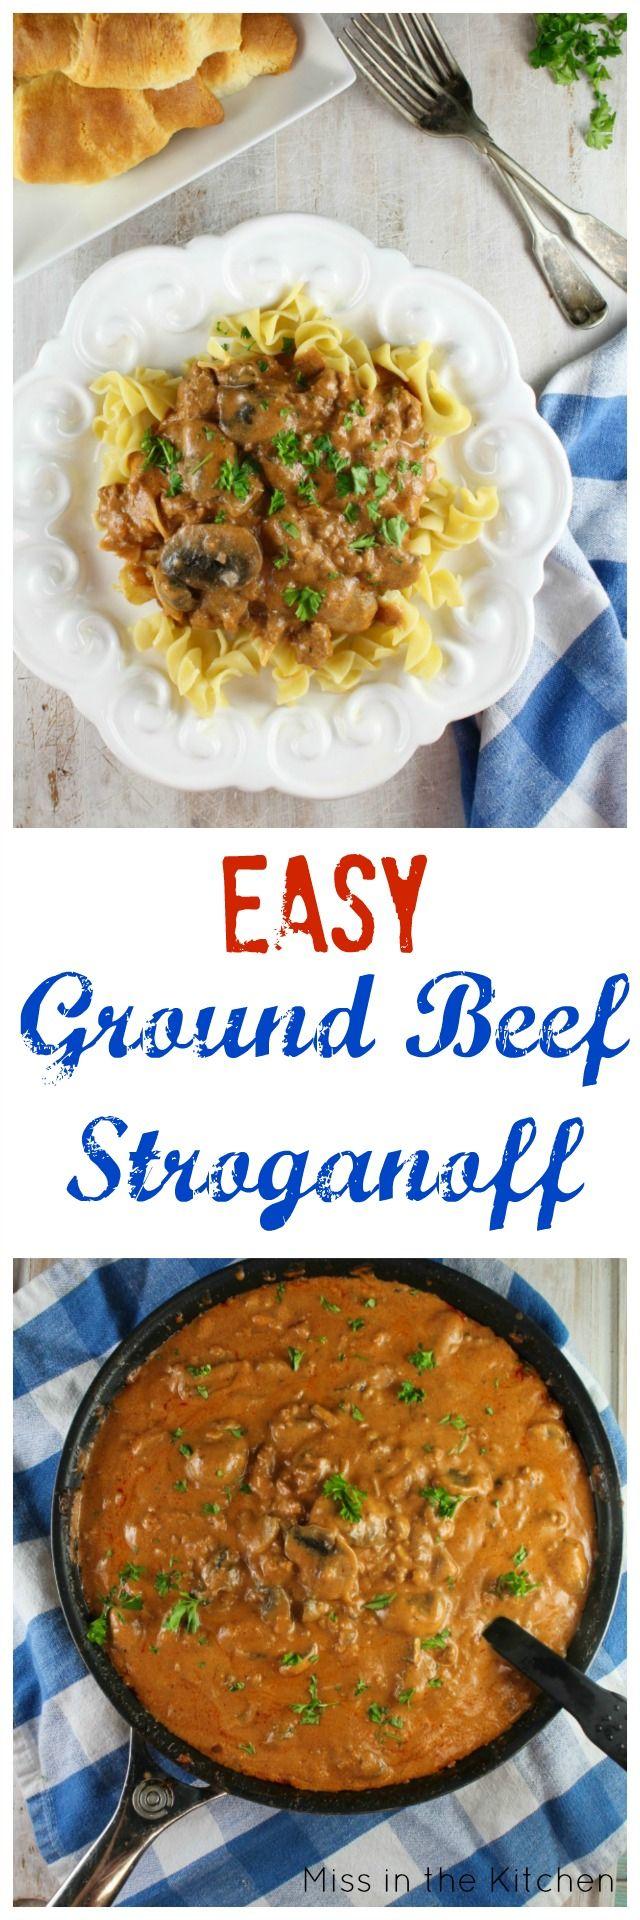 Easy Ground Beef Stroganoff Recipe